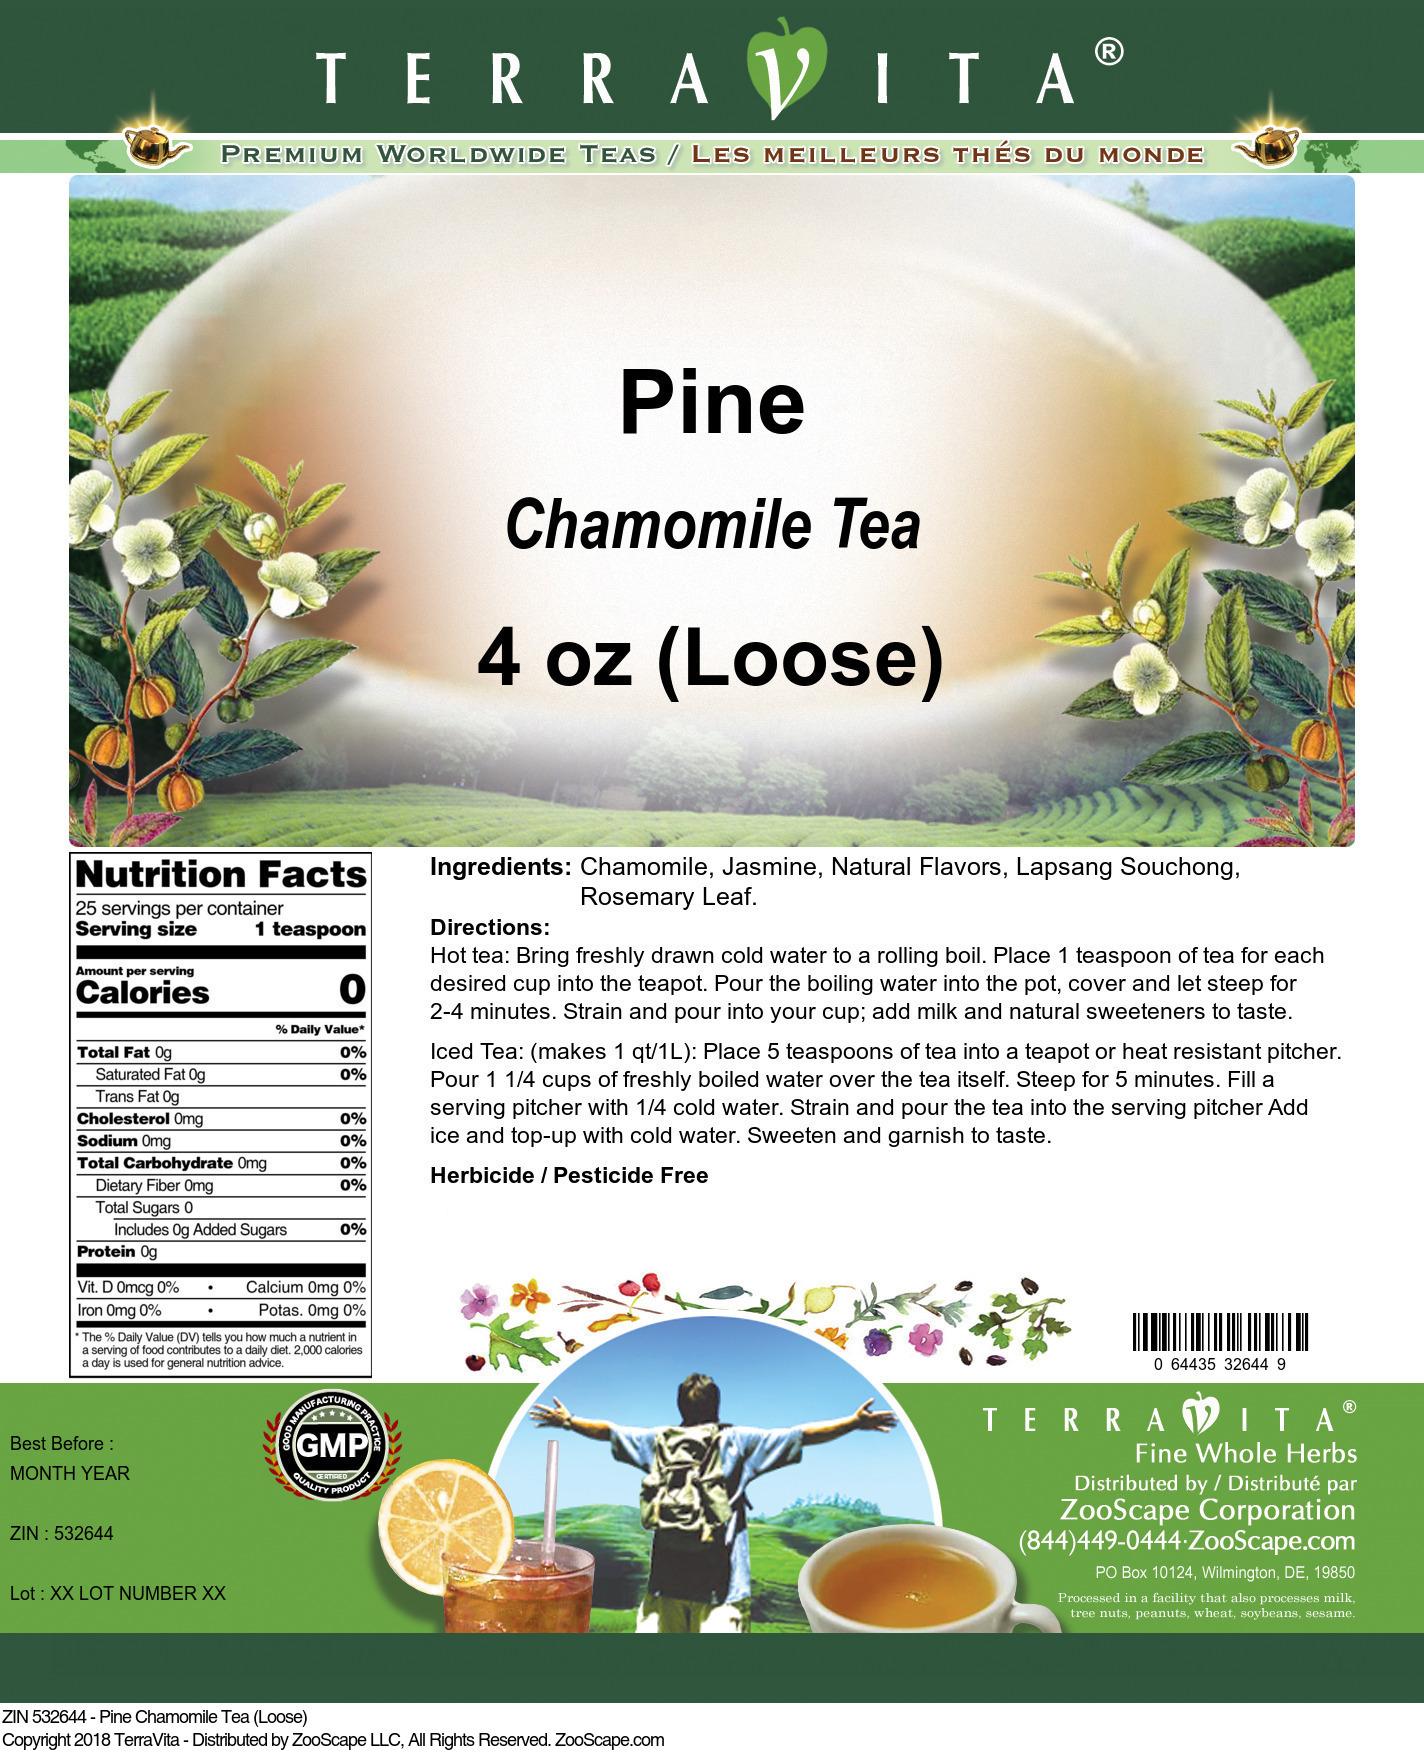 Pine Chamomile Tea